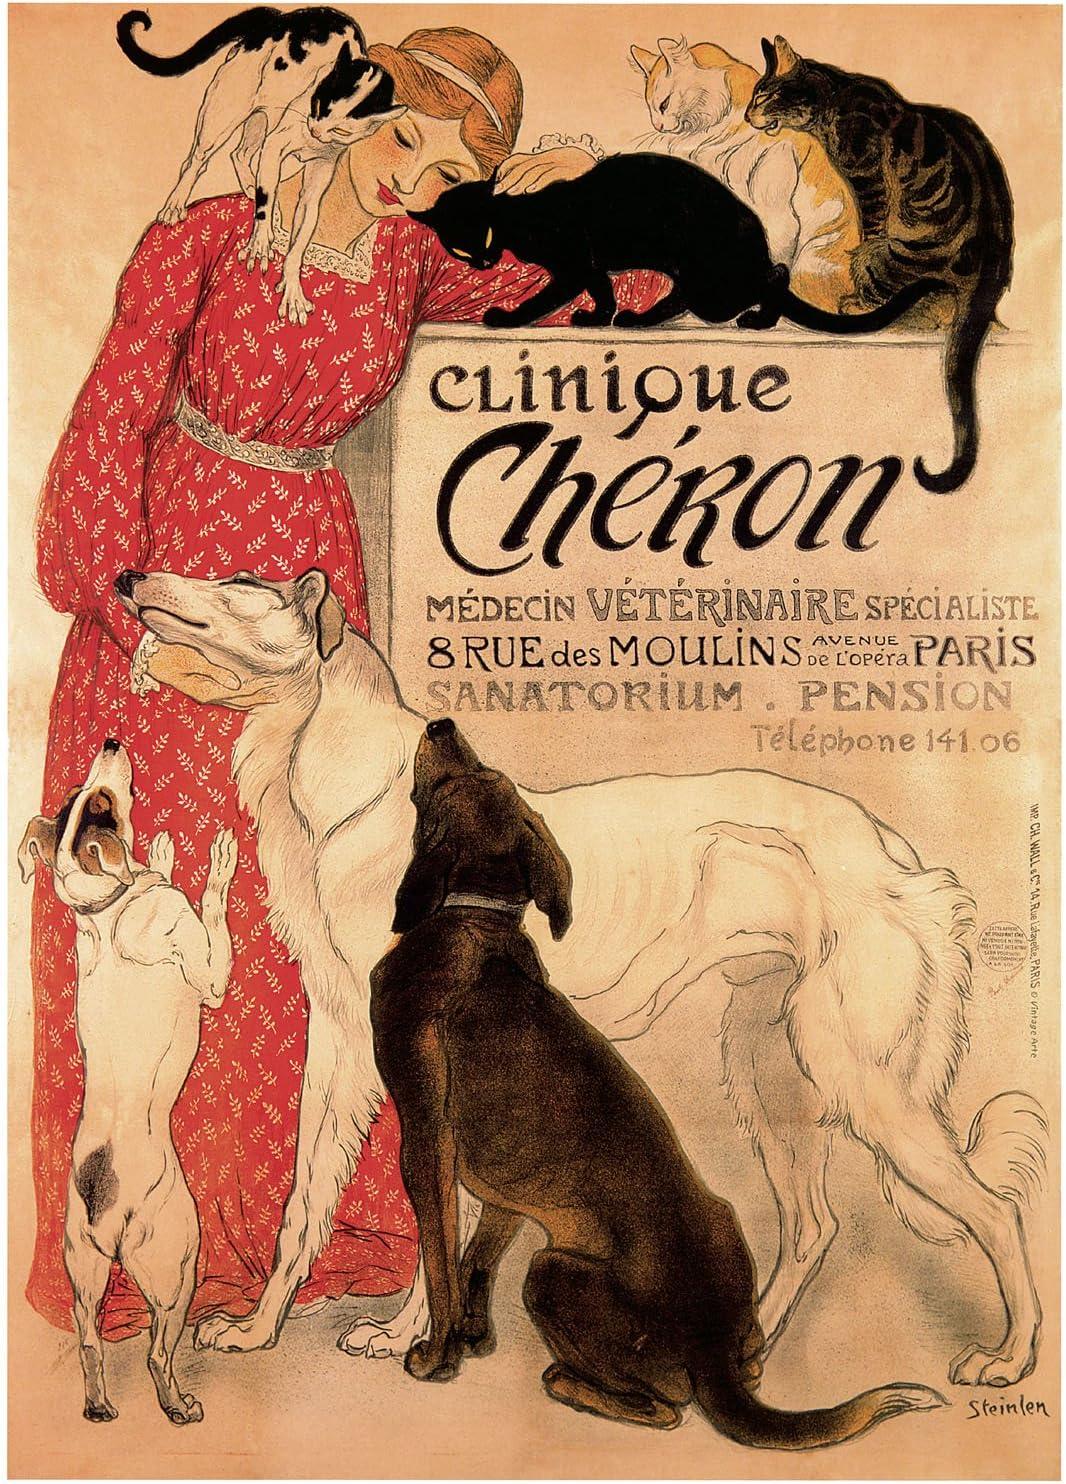 Clinique Chéron-Steinlen Ranking TOP8 - CANVAS OR High order ART PRINT FINE WALL